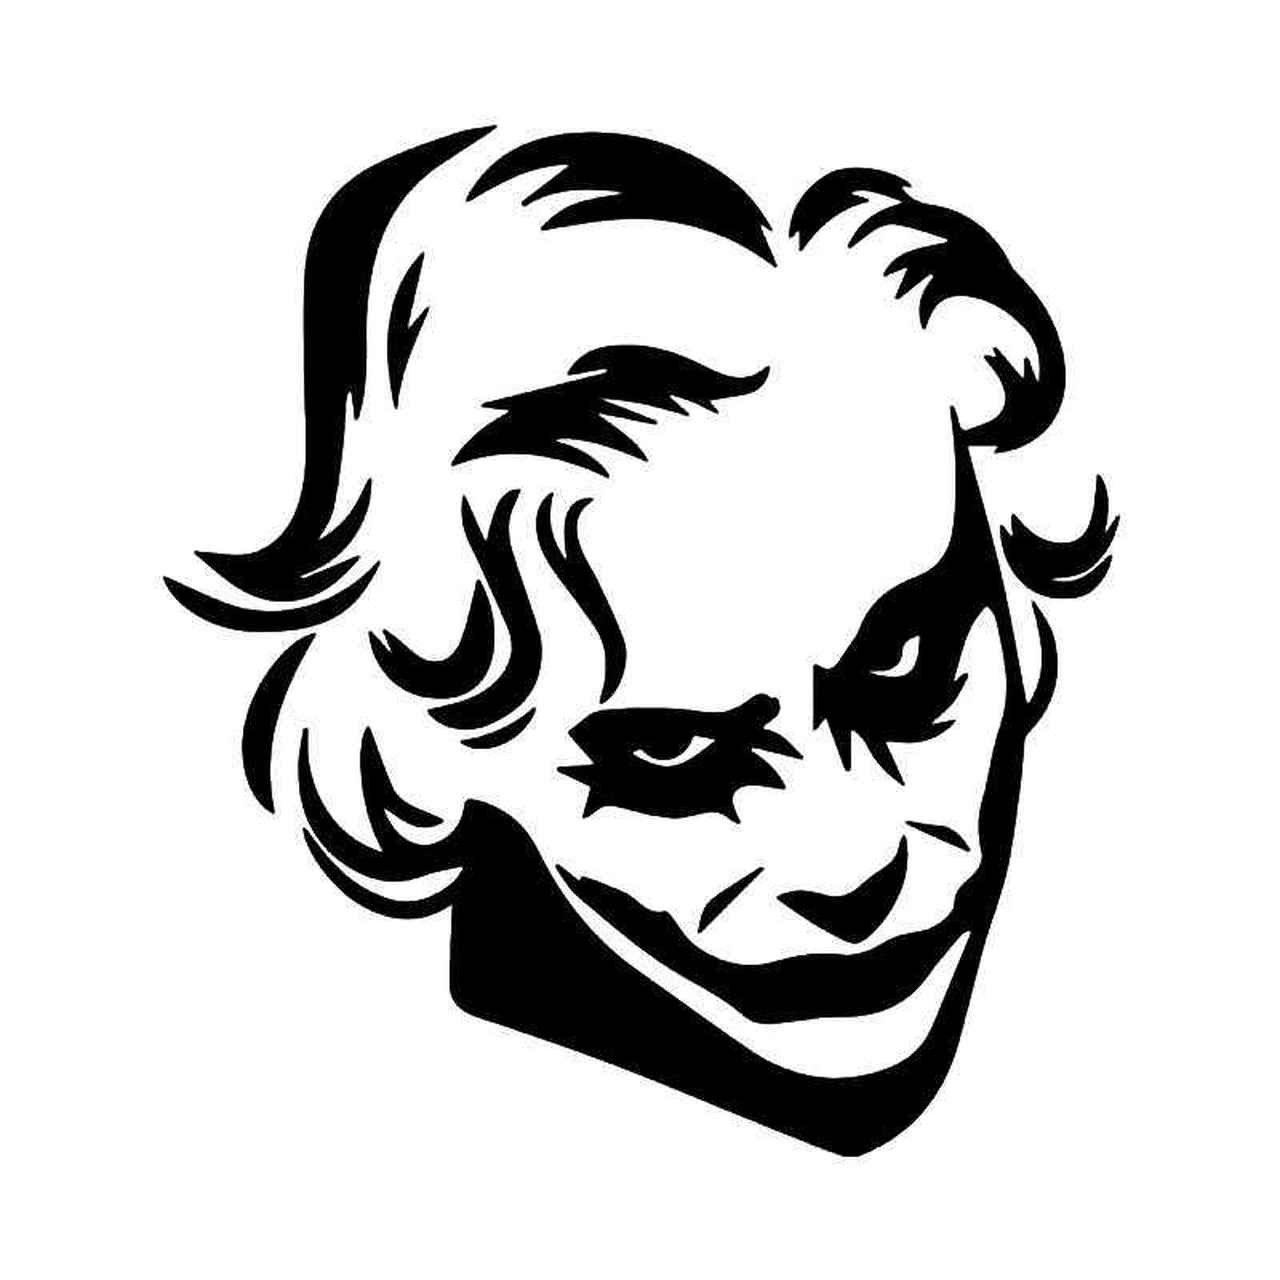 Joker Tattoo Sketch Joker Face Joker Drawings Joker Stencil